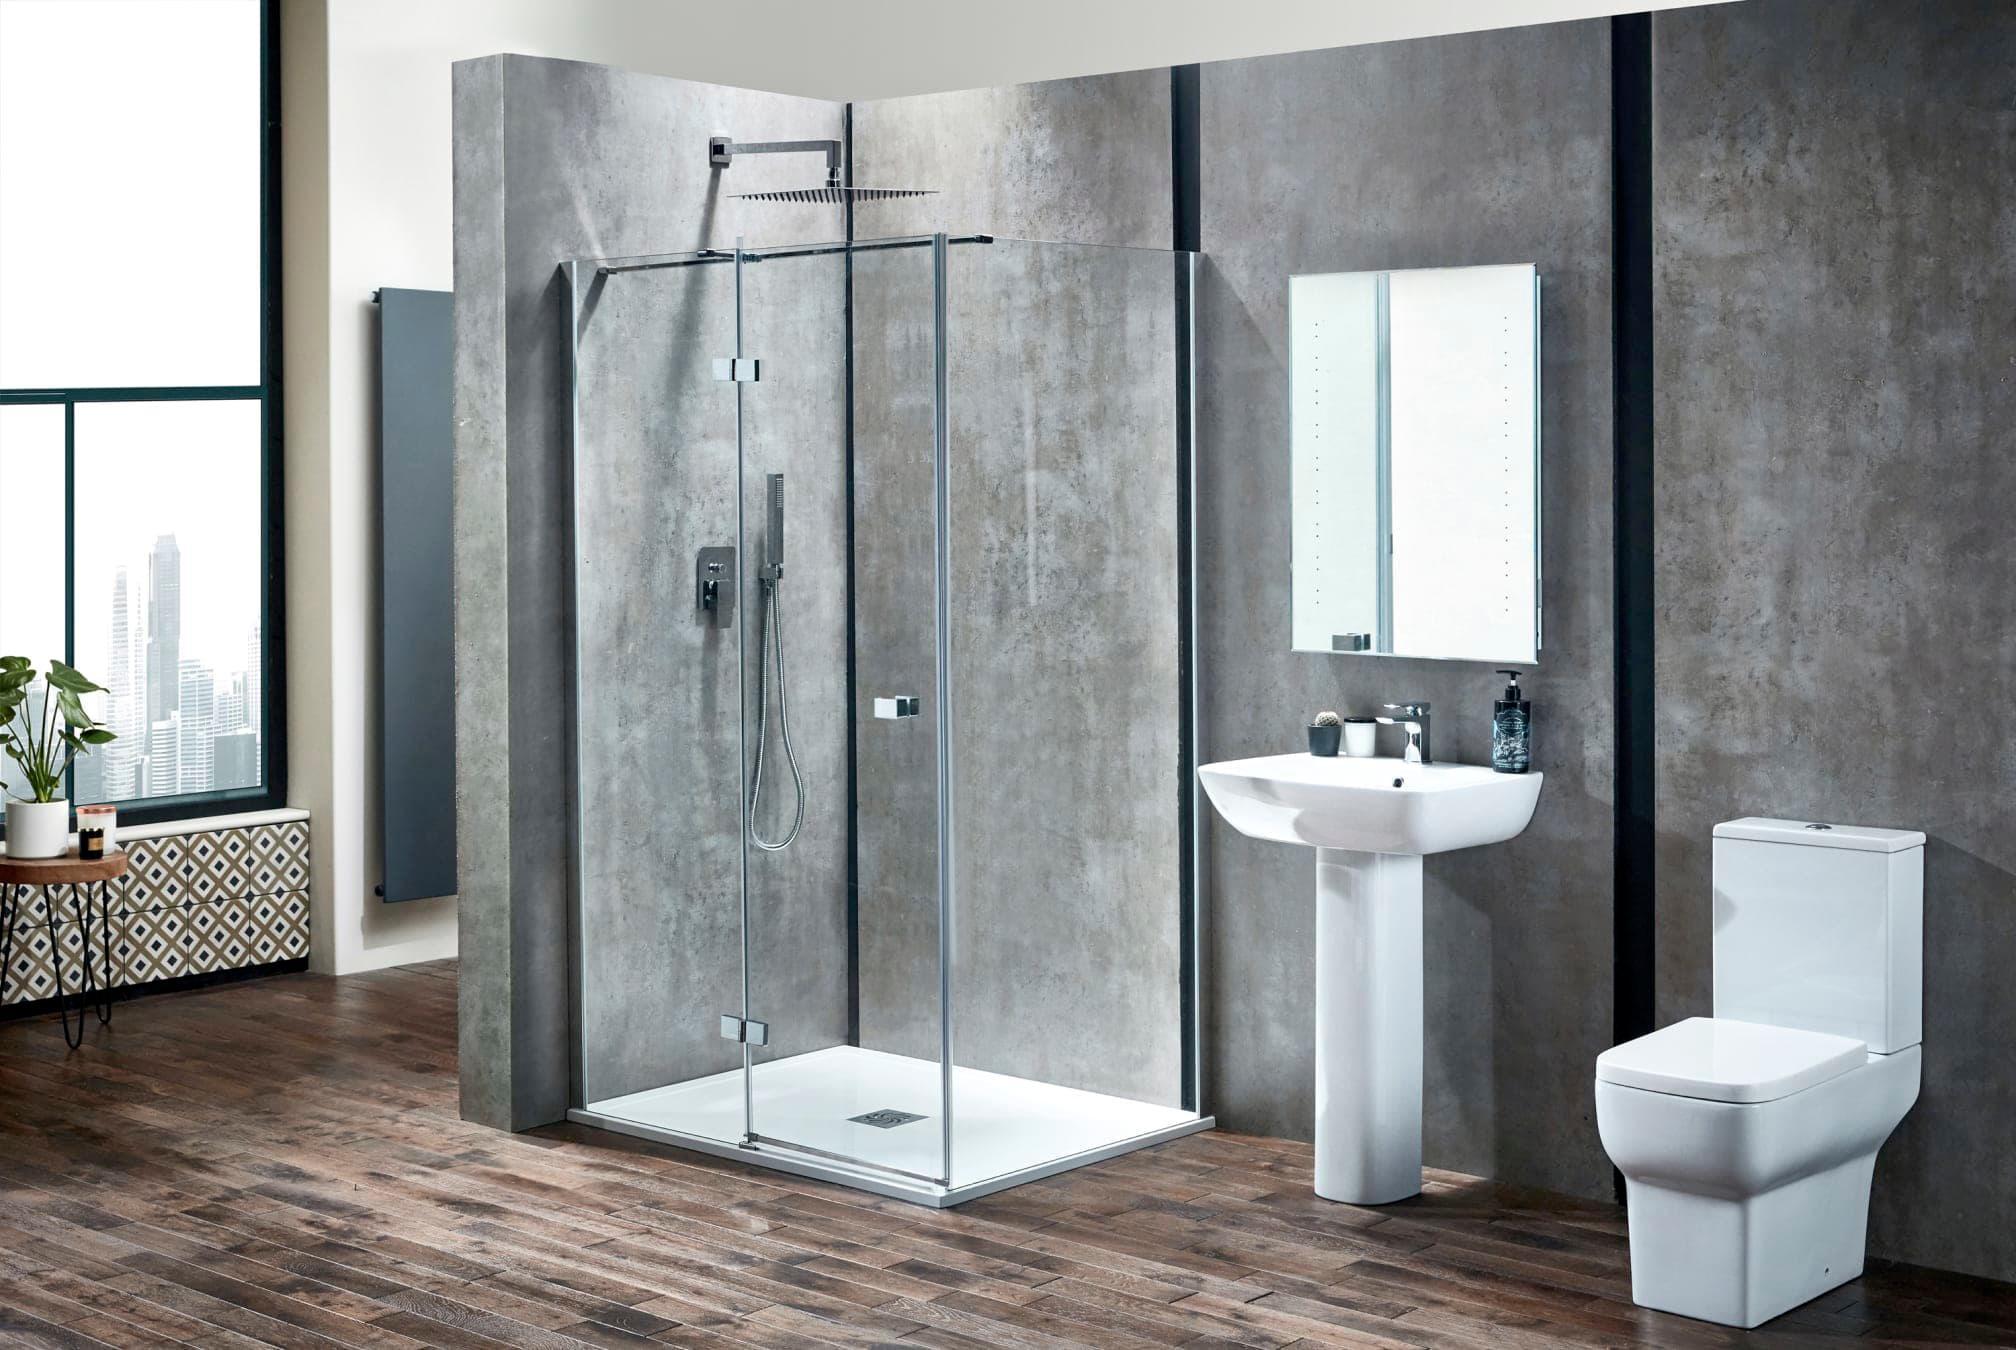 SJ Home Design Ltd